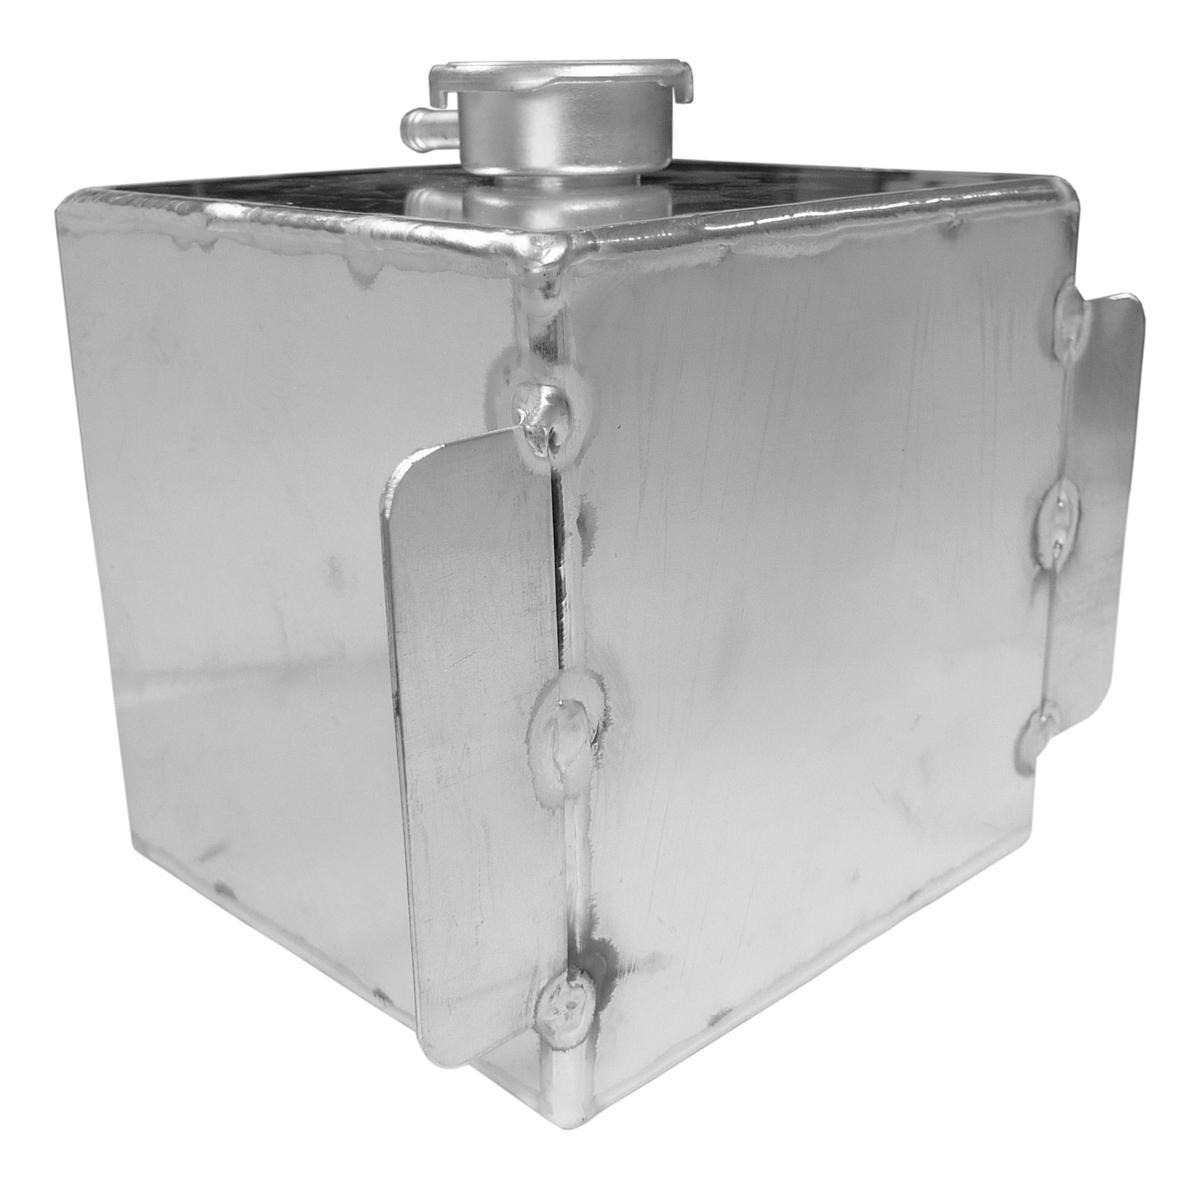 universal aluminium water header tank from merlin motorsport. Black Bedroom Furniture Sets. Home Design Ideas